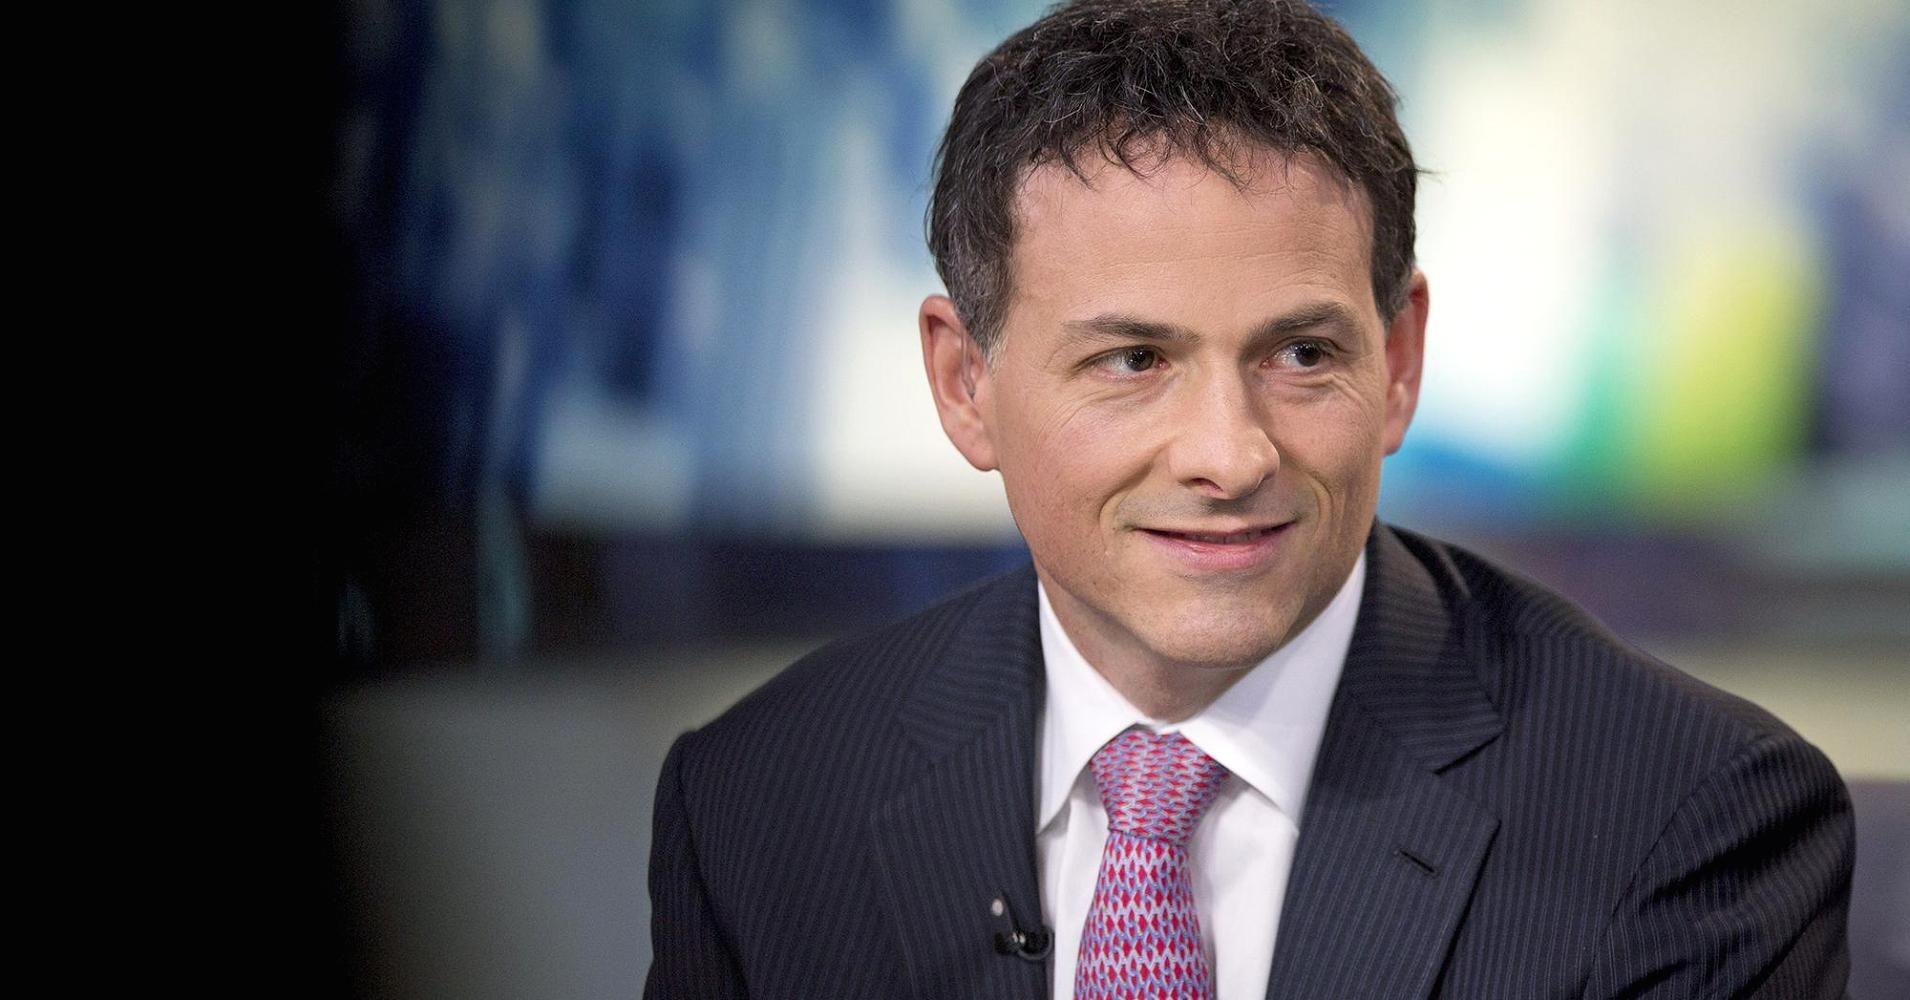 David einhorn continuing to short tesla stock says